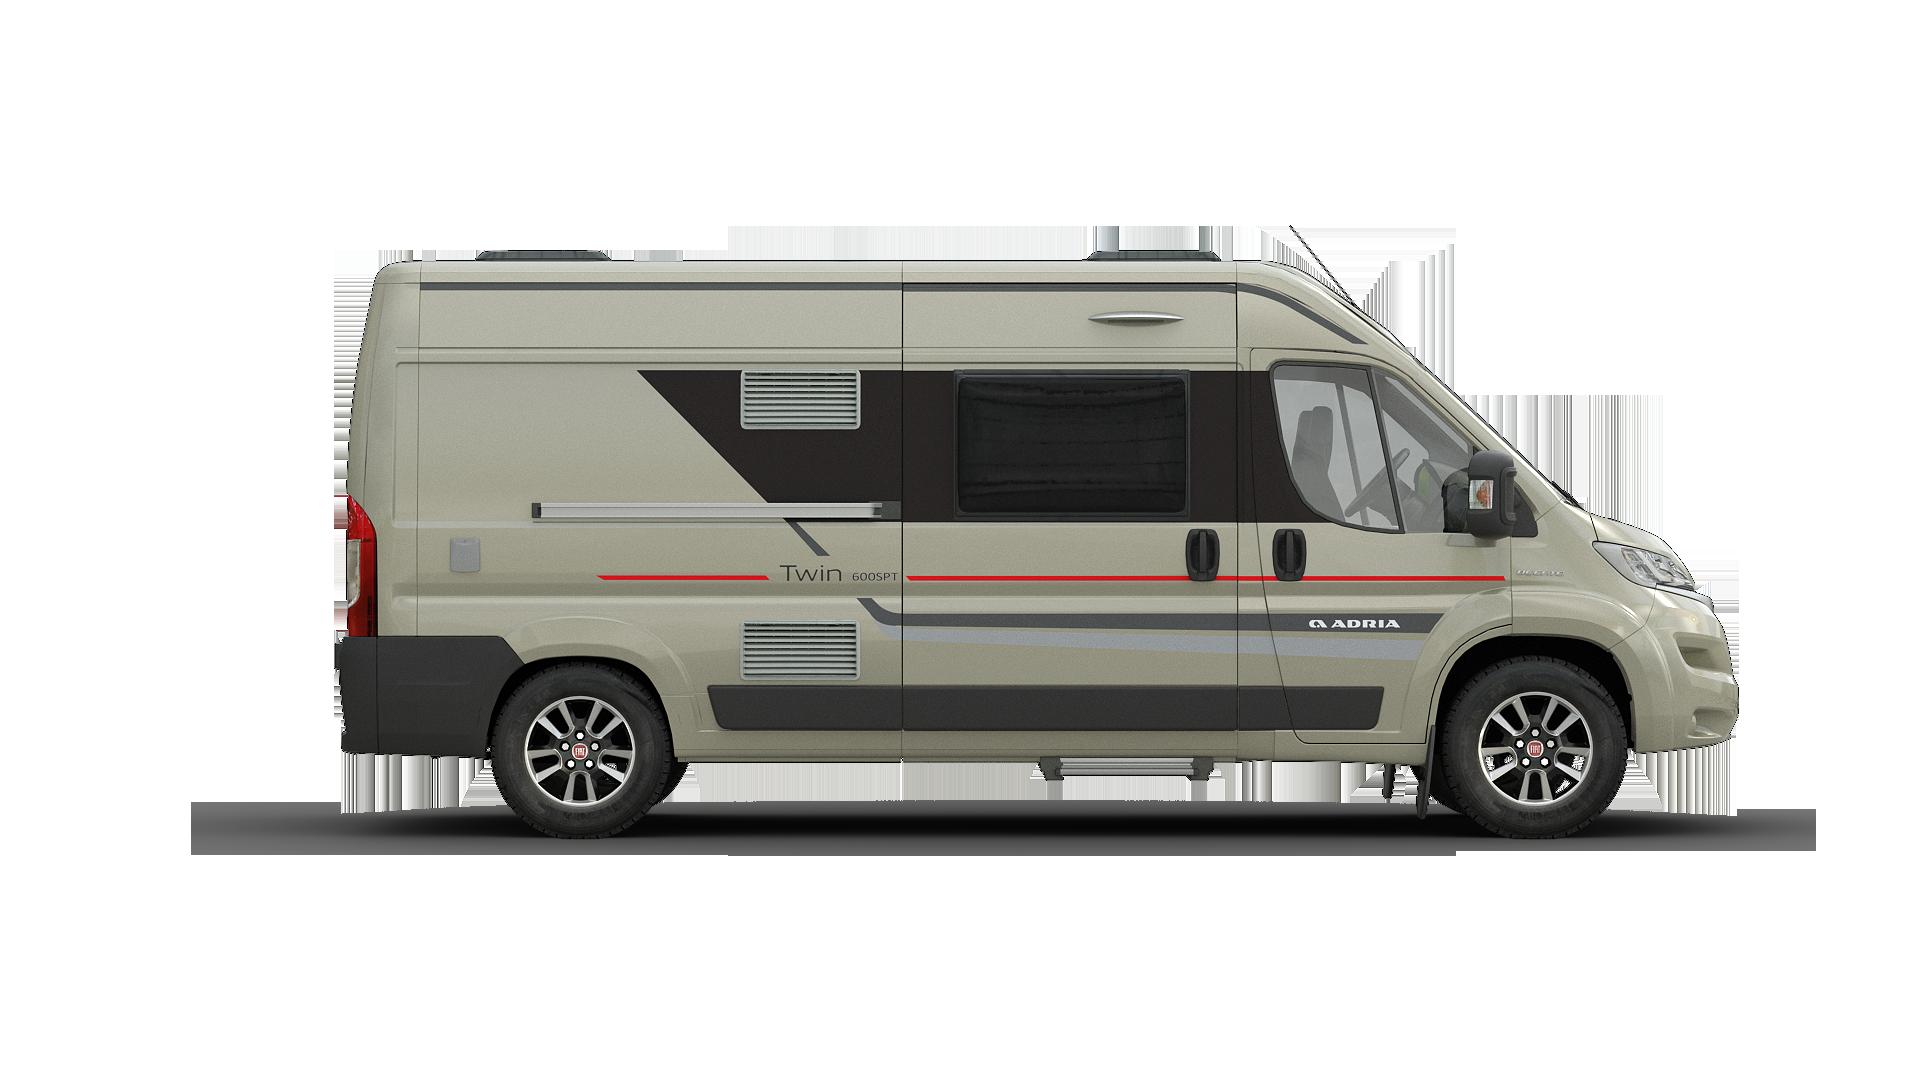 Twin range adria mobil. Minivan clipart van camper